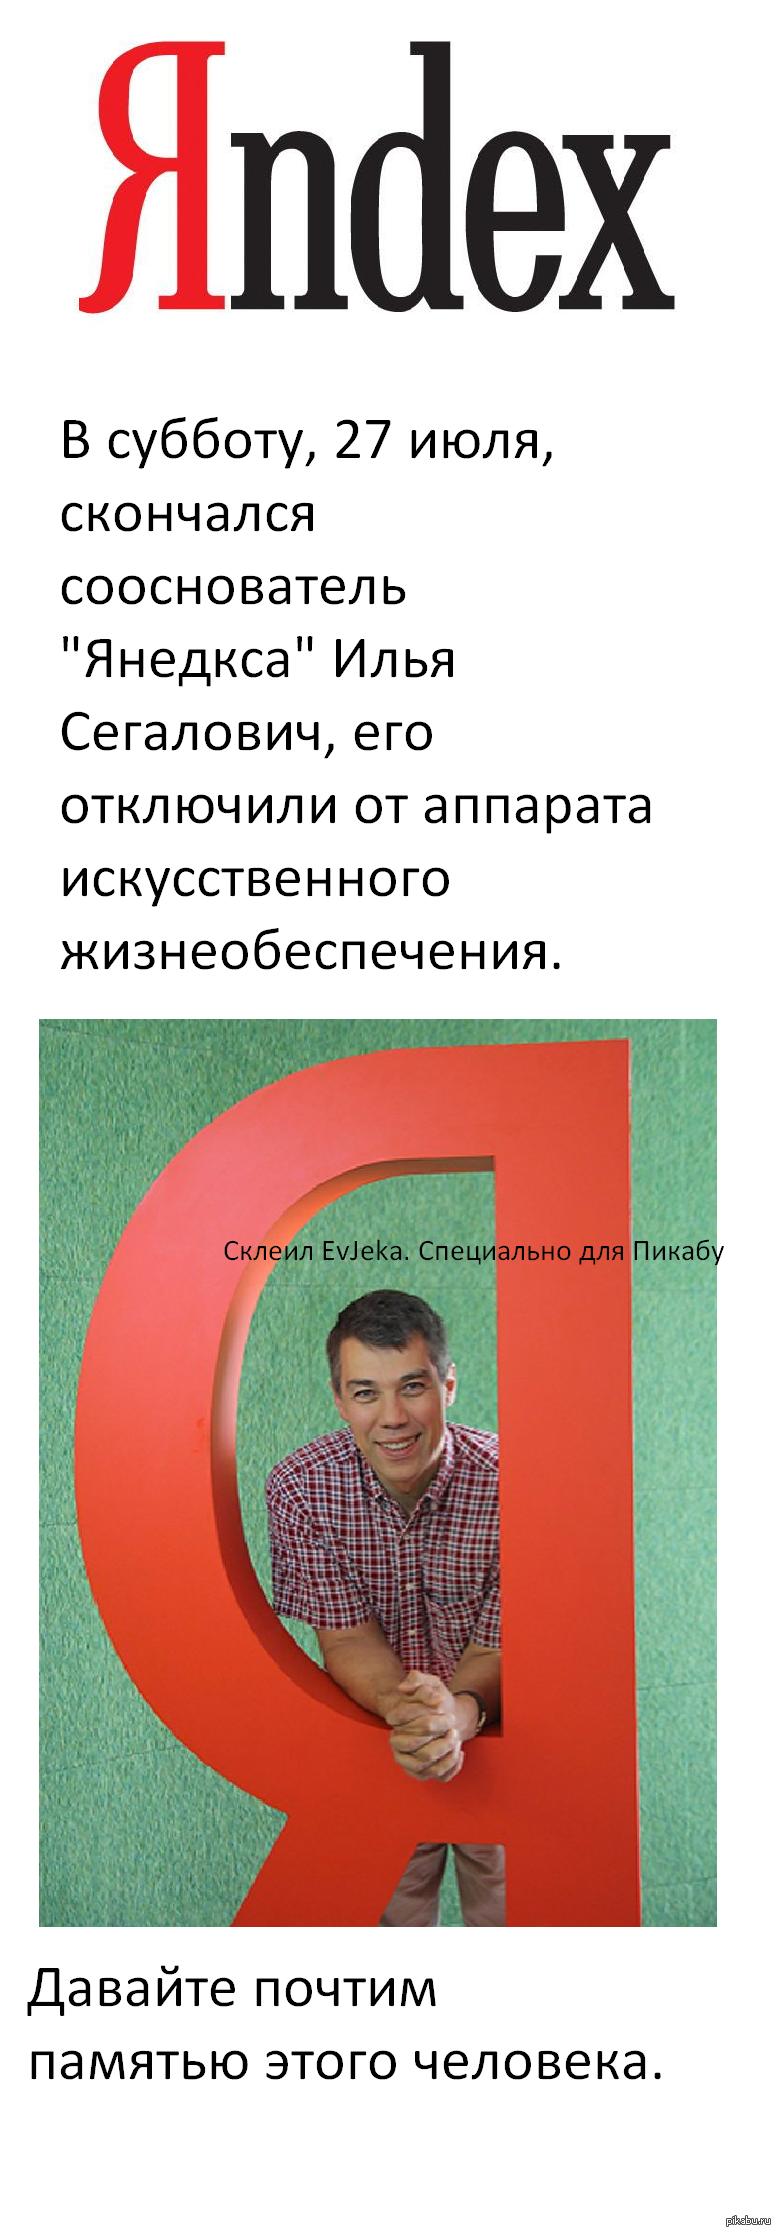 Новая версия Отчего и как умер Юрий Хой 4 июля 2013 года